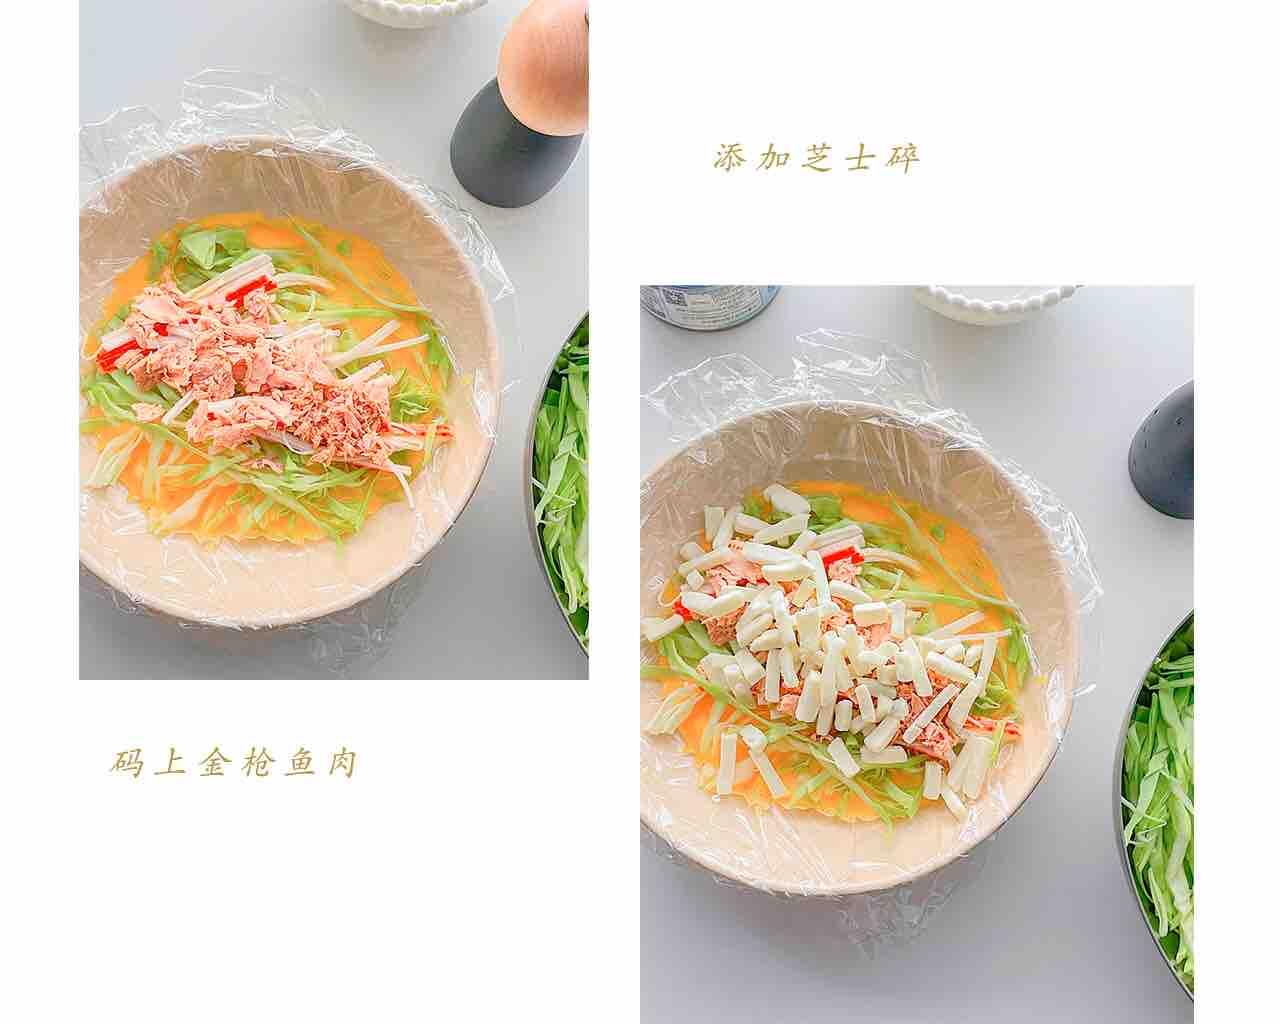 金枪鱼鸡蛋菜包—餐桌上的夏日限定的步骤